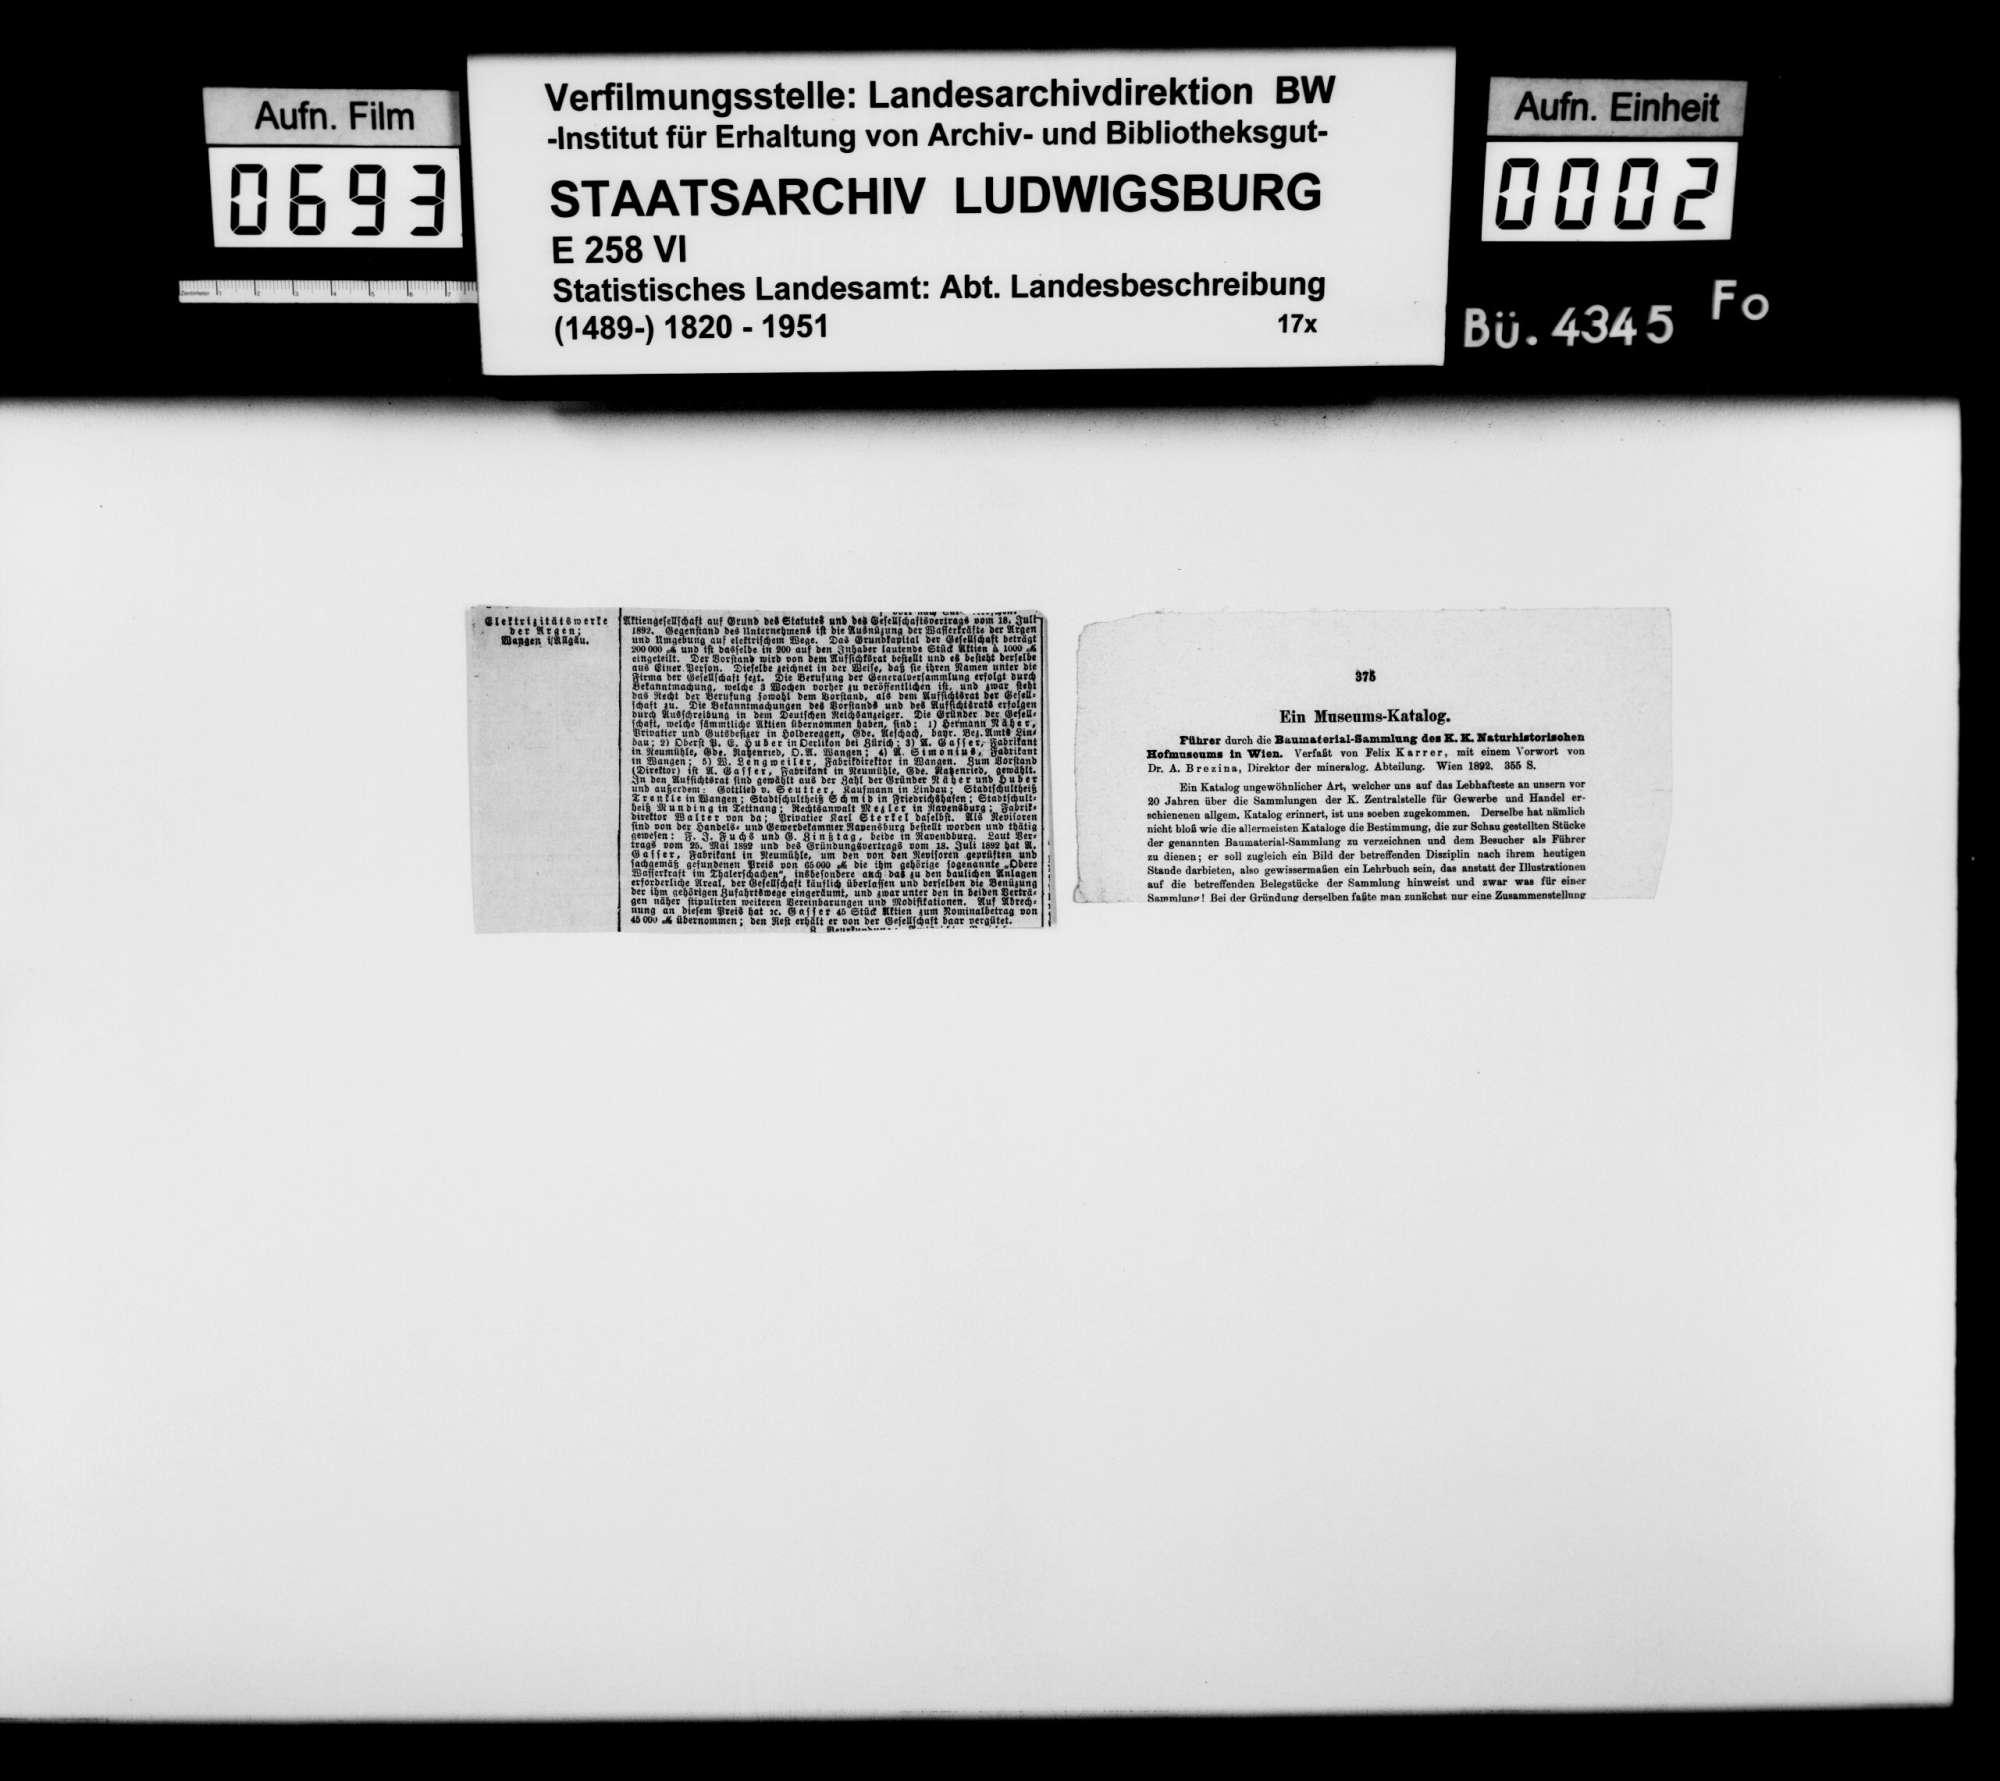 Sammlung gedruckten Materials zu einer Neubearbeitung der OAB, Bild 1